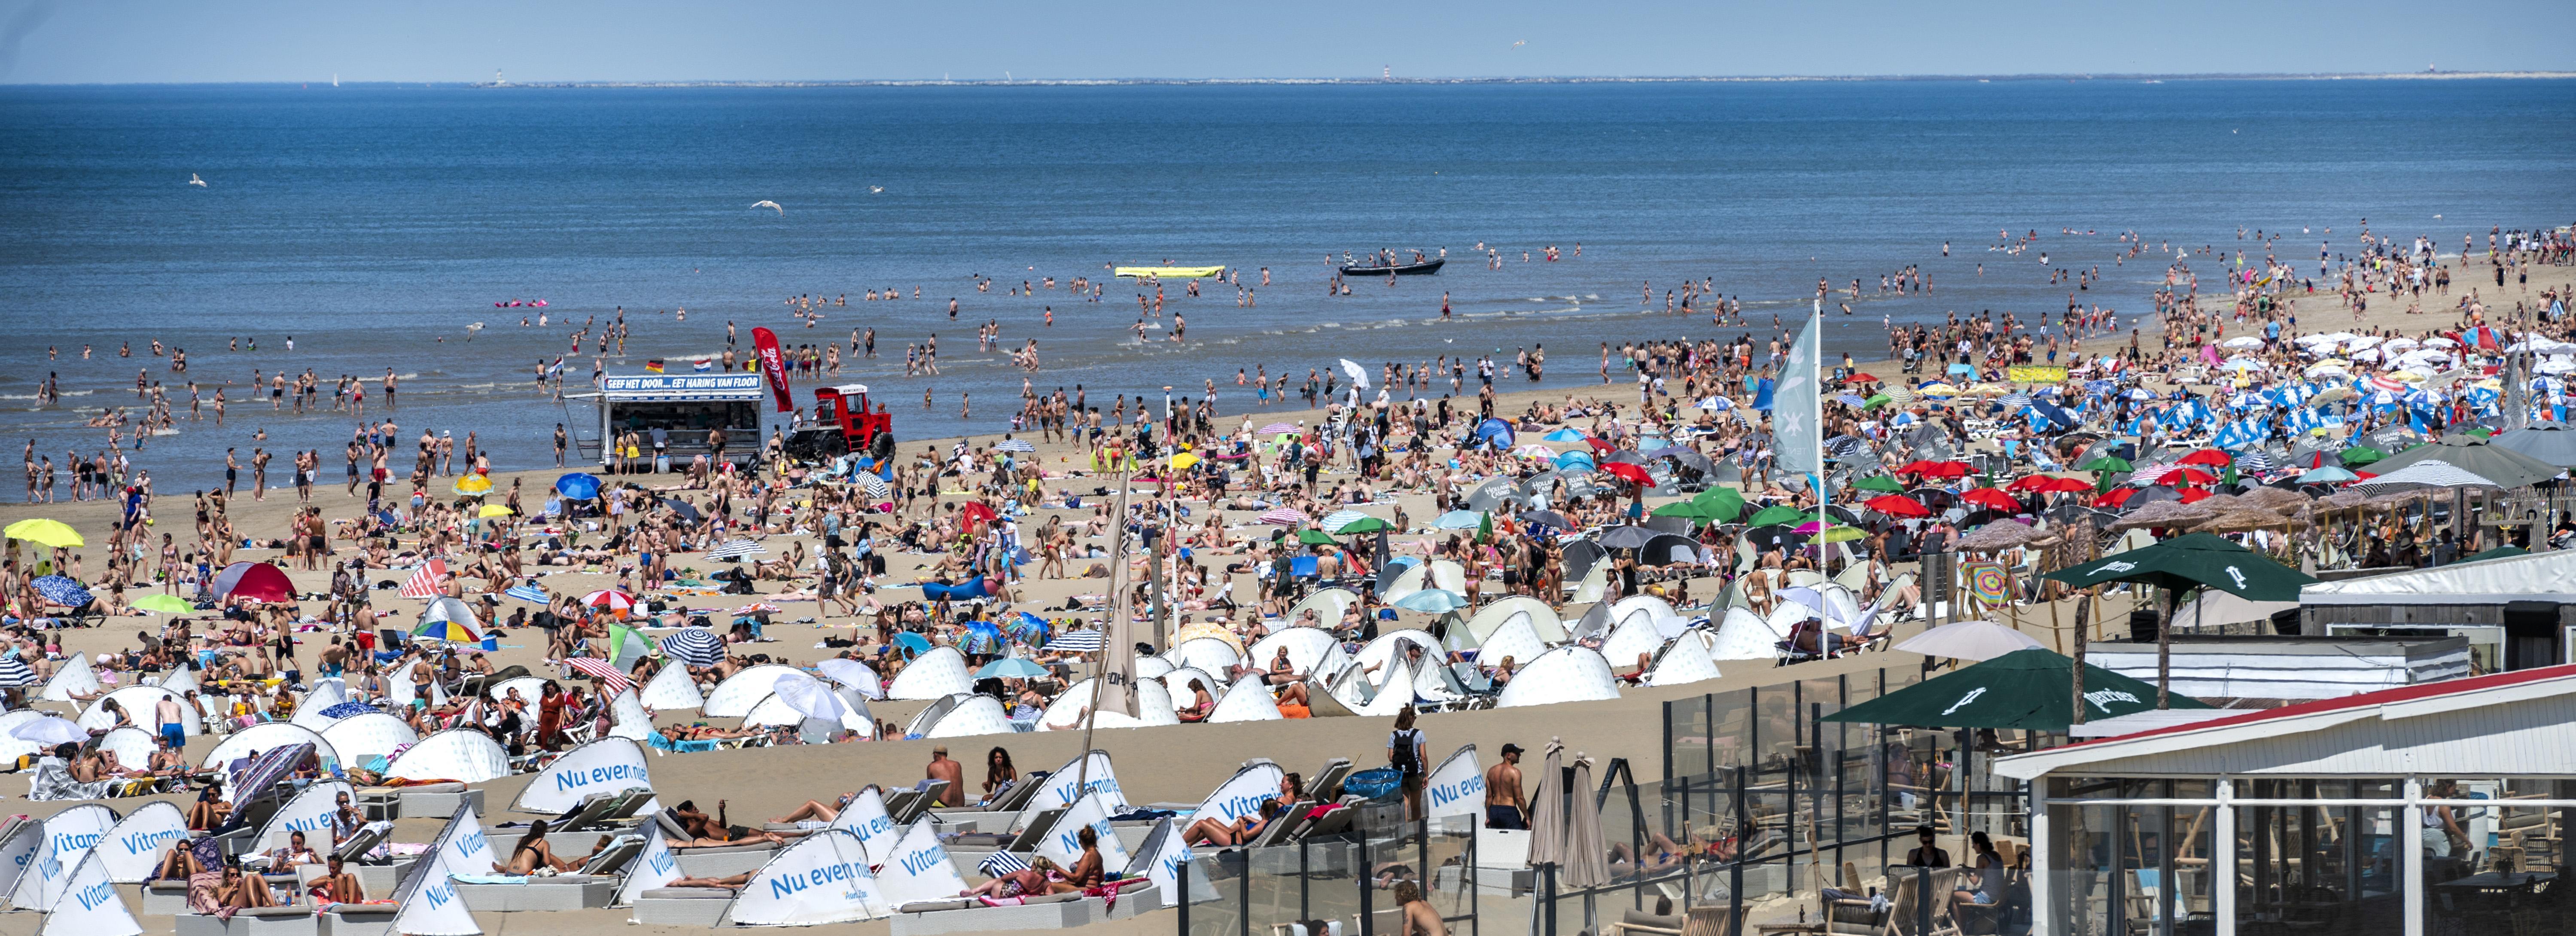 Wegen naar stranden Bloemendaal en Zandvoort mogelijk weer afgesloten